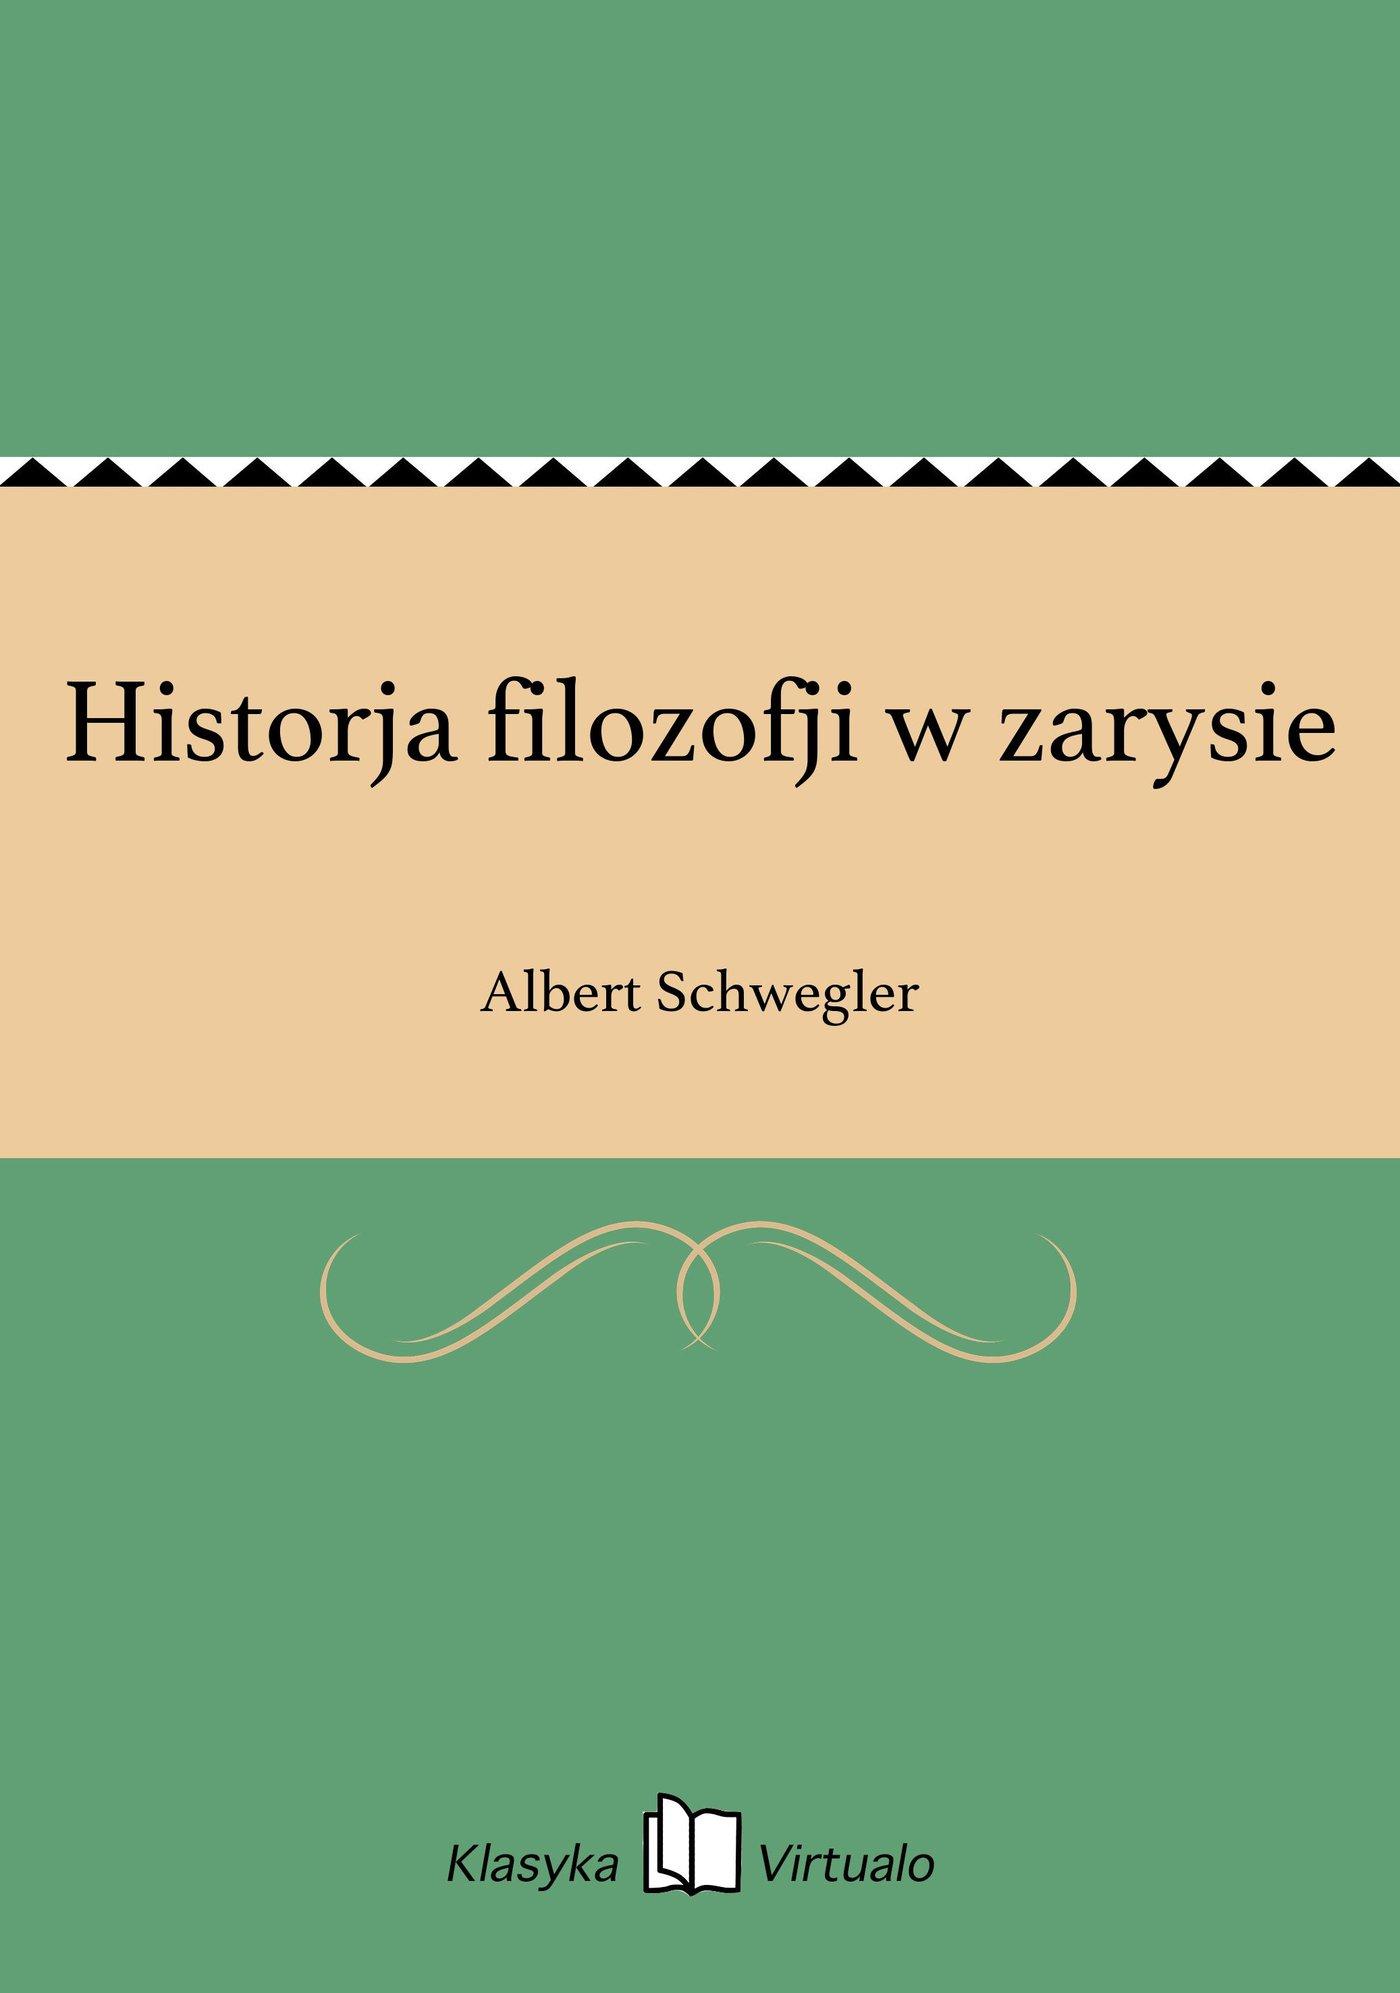 Historja filozofji w zarysie - Ebook (Książka EPUB) do pobrania w formacie EPUB